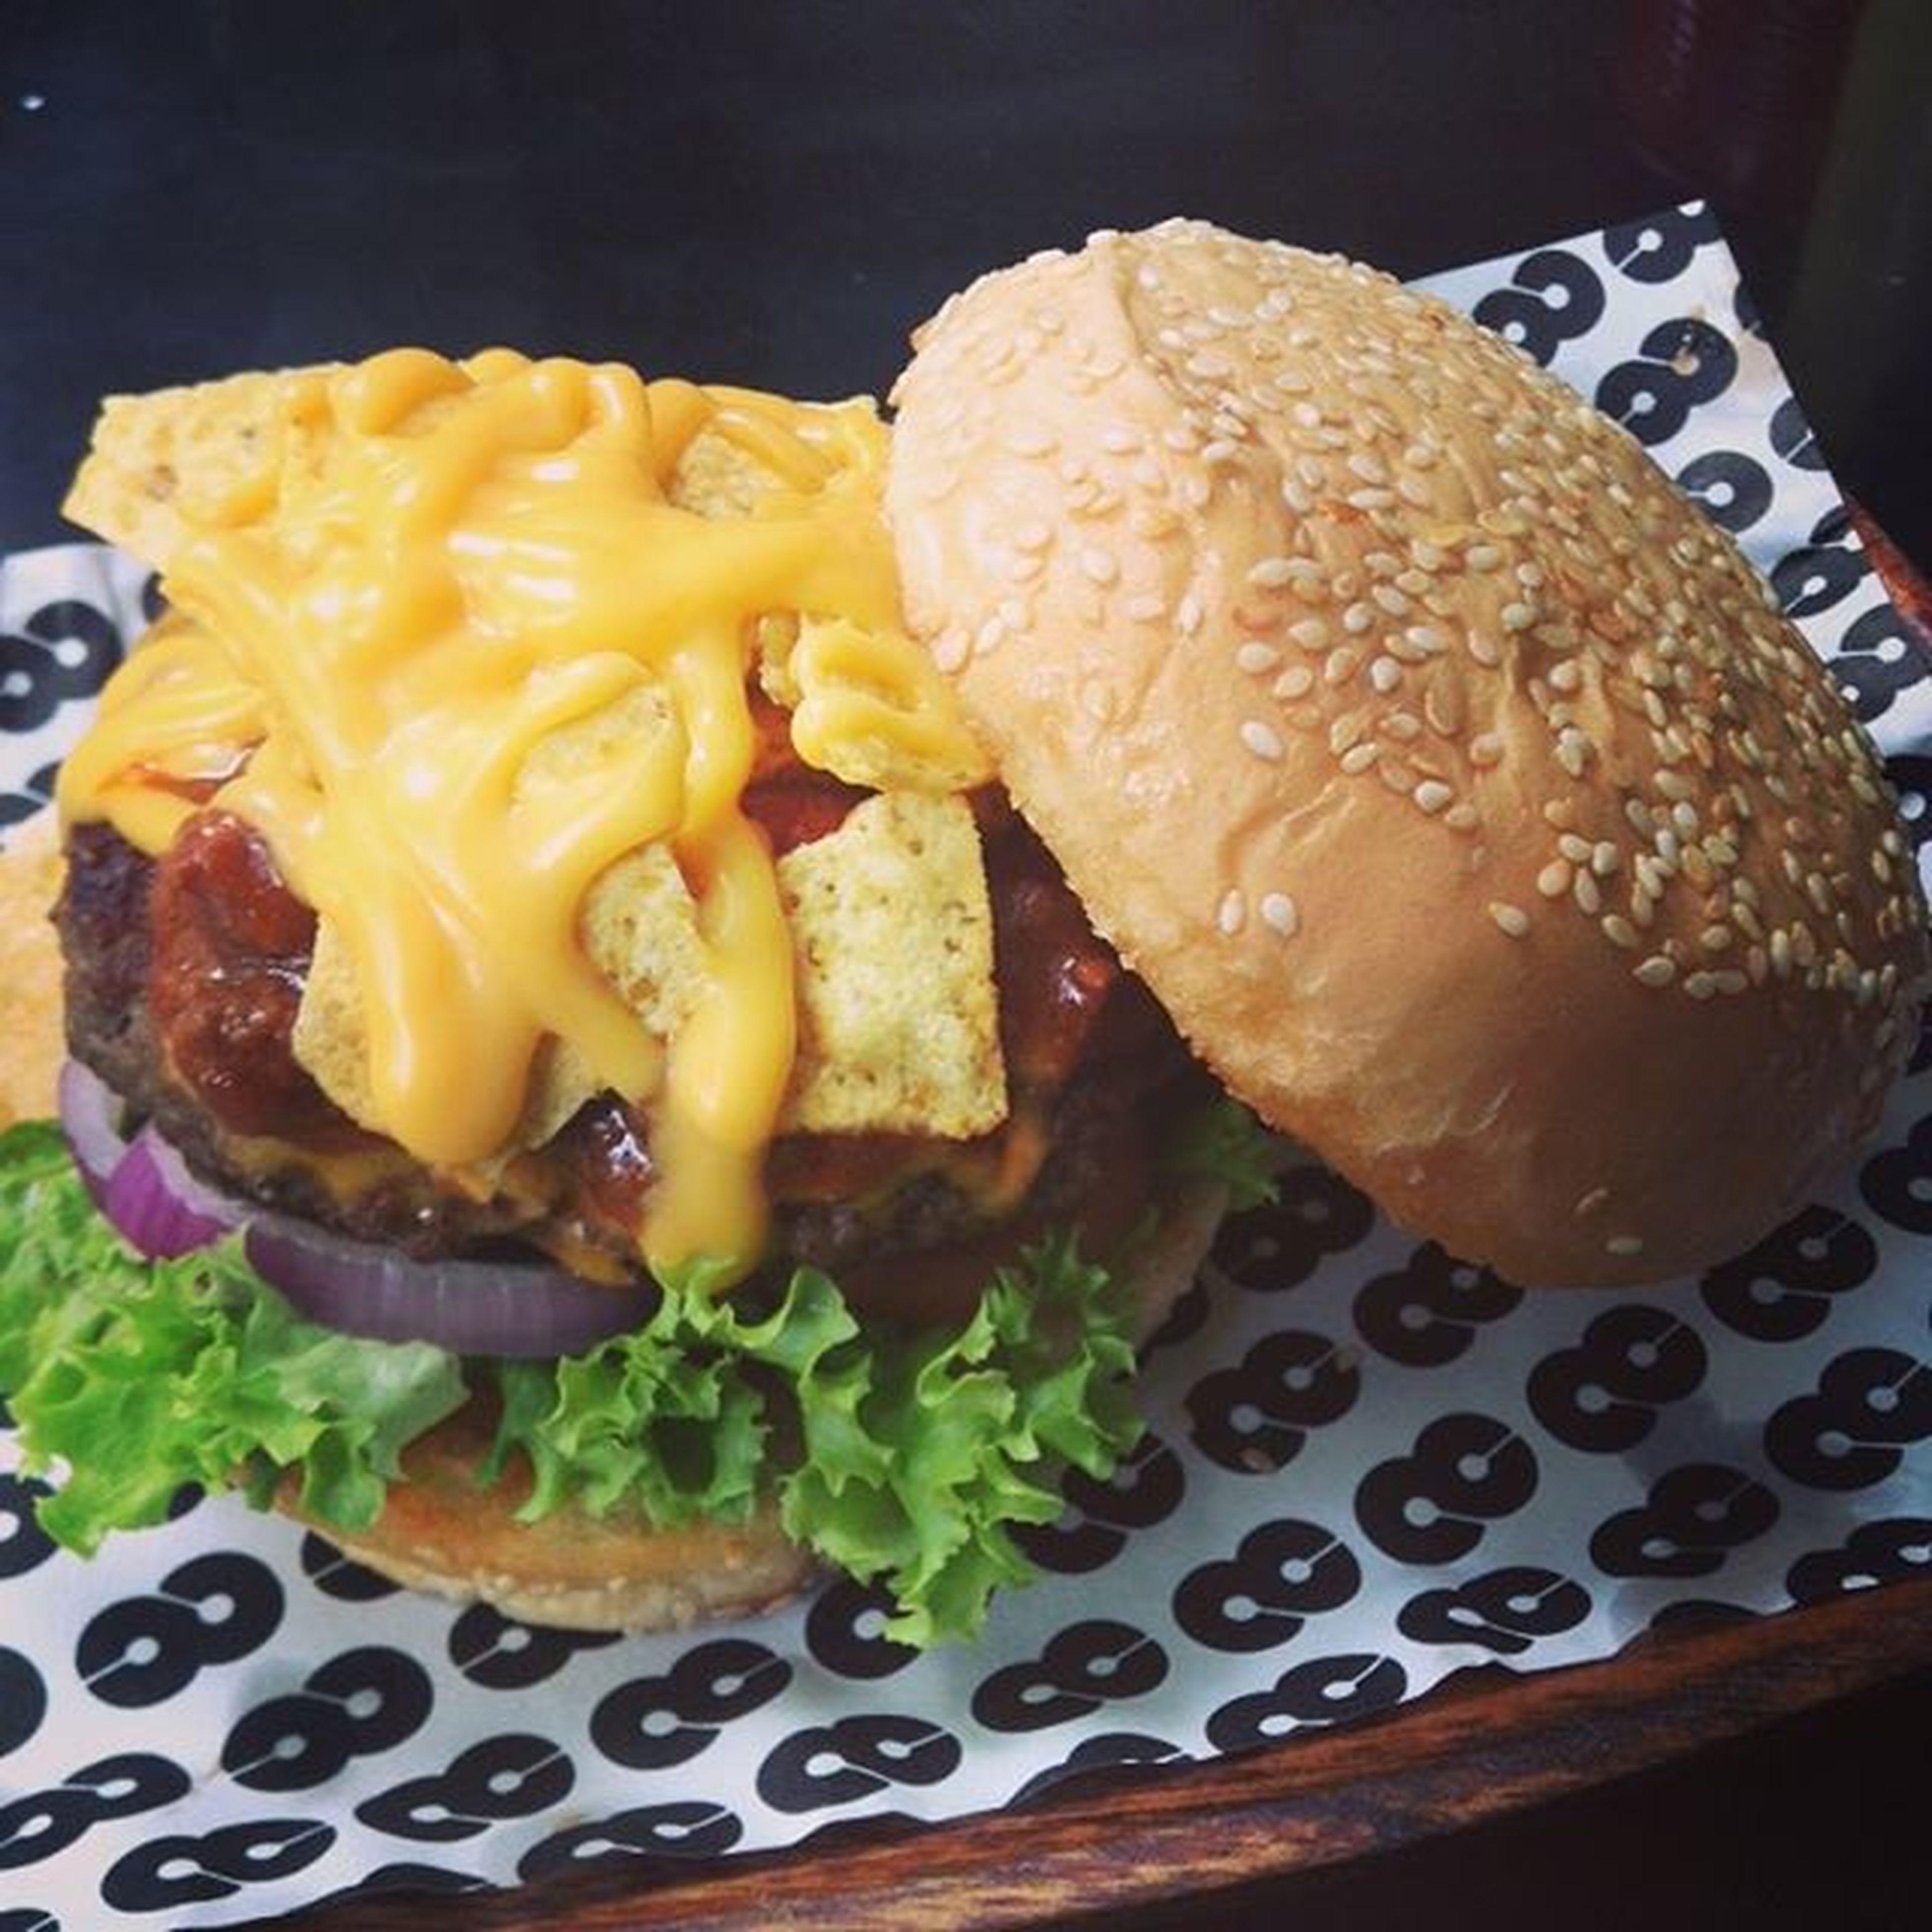 Just because! 🍔🍔🍔 Slappyj @8cutsburgerblends Foodstagram Cravingsatisfied Masturdating Instafoodie Instafood Foodporn